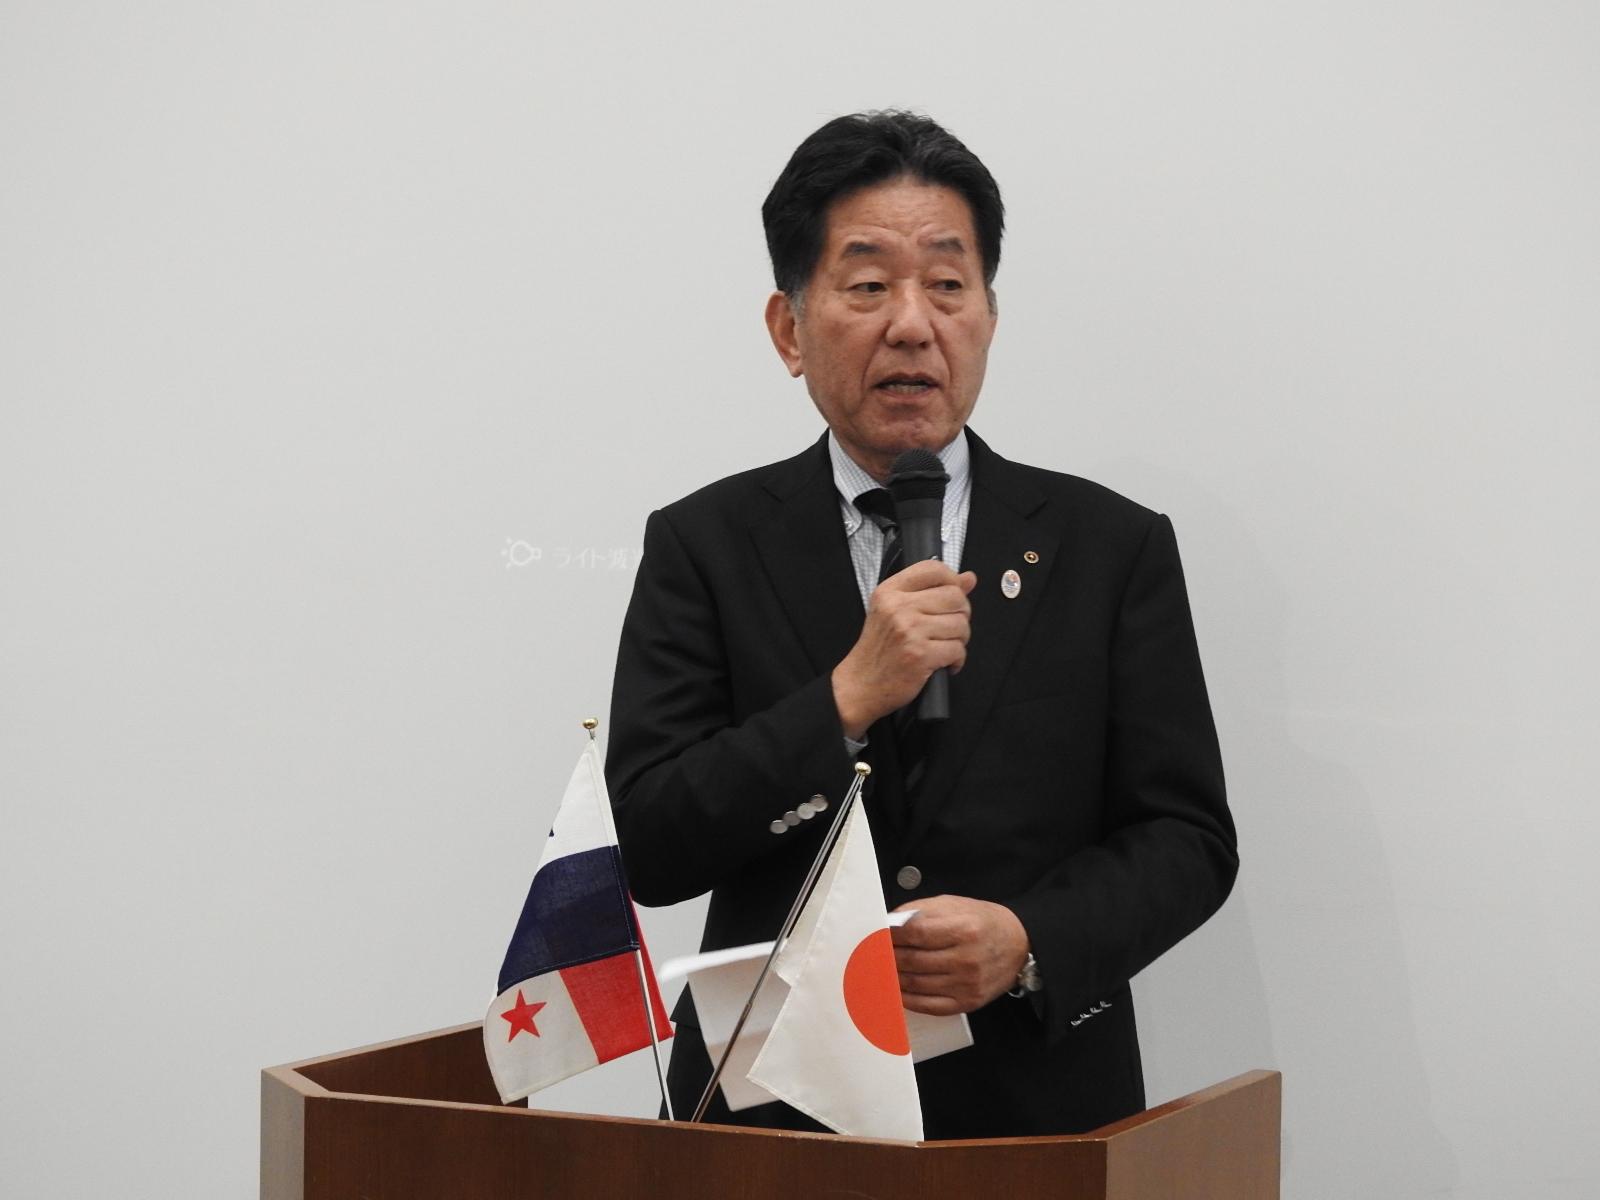 株式会社サザコーヒー鈴木誉志男代表取締役会長